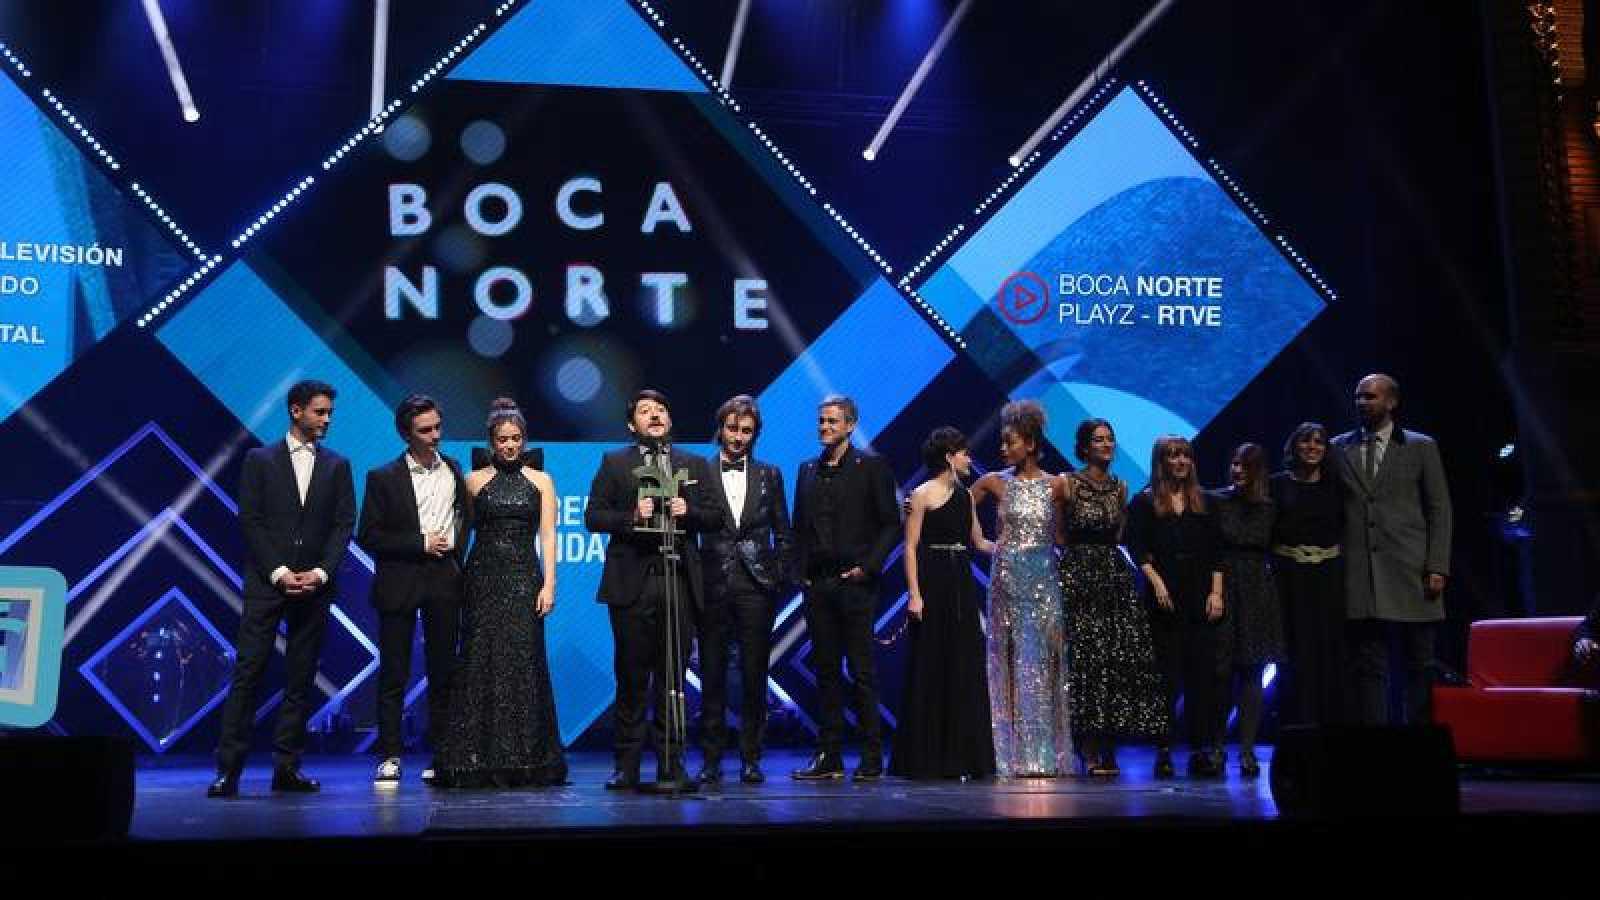 Boca Norte - Playz y el equipo de 'Boca Norte' recogen el Premio Ondas 2019